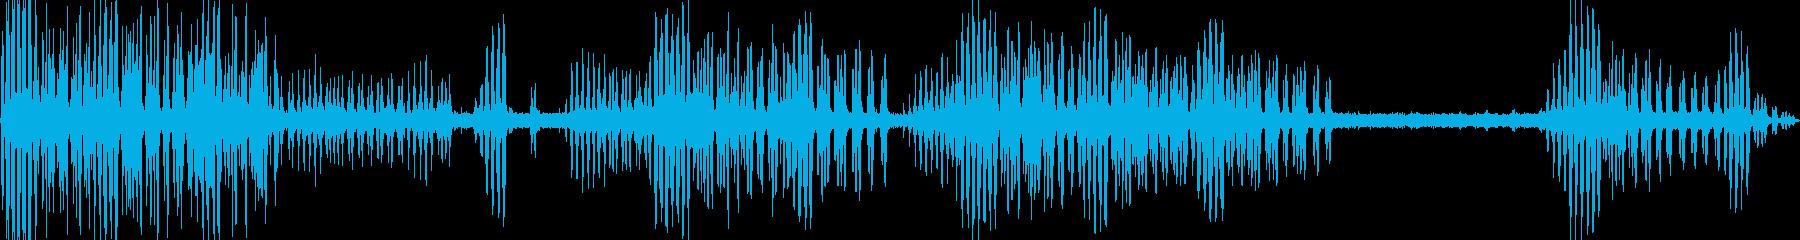 水辺で聴こえるコオロギの鳴き声の再生済みの波形